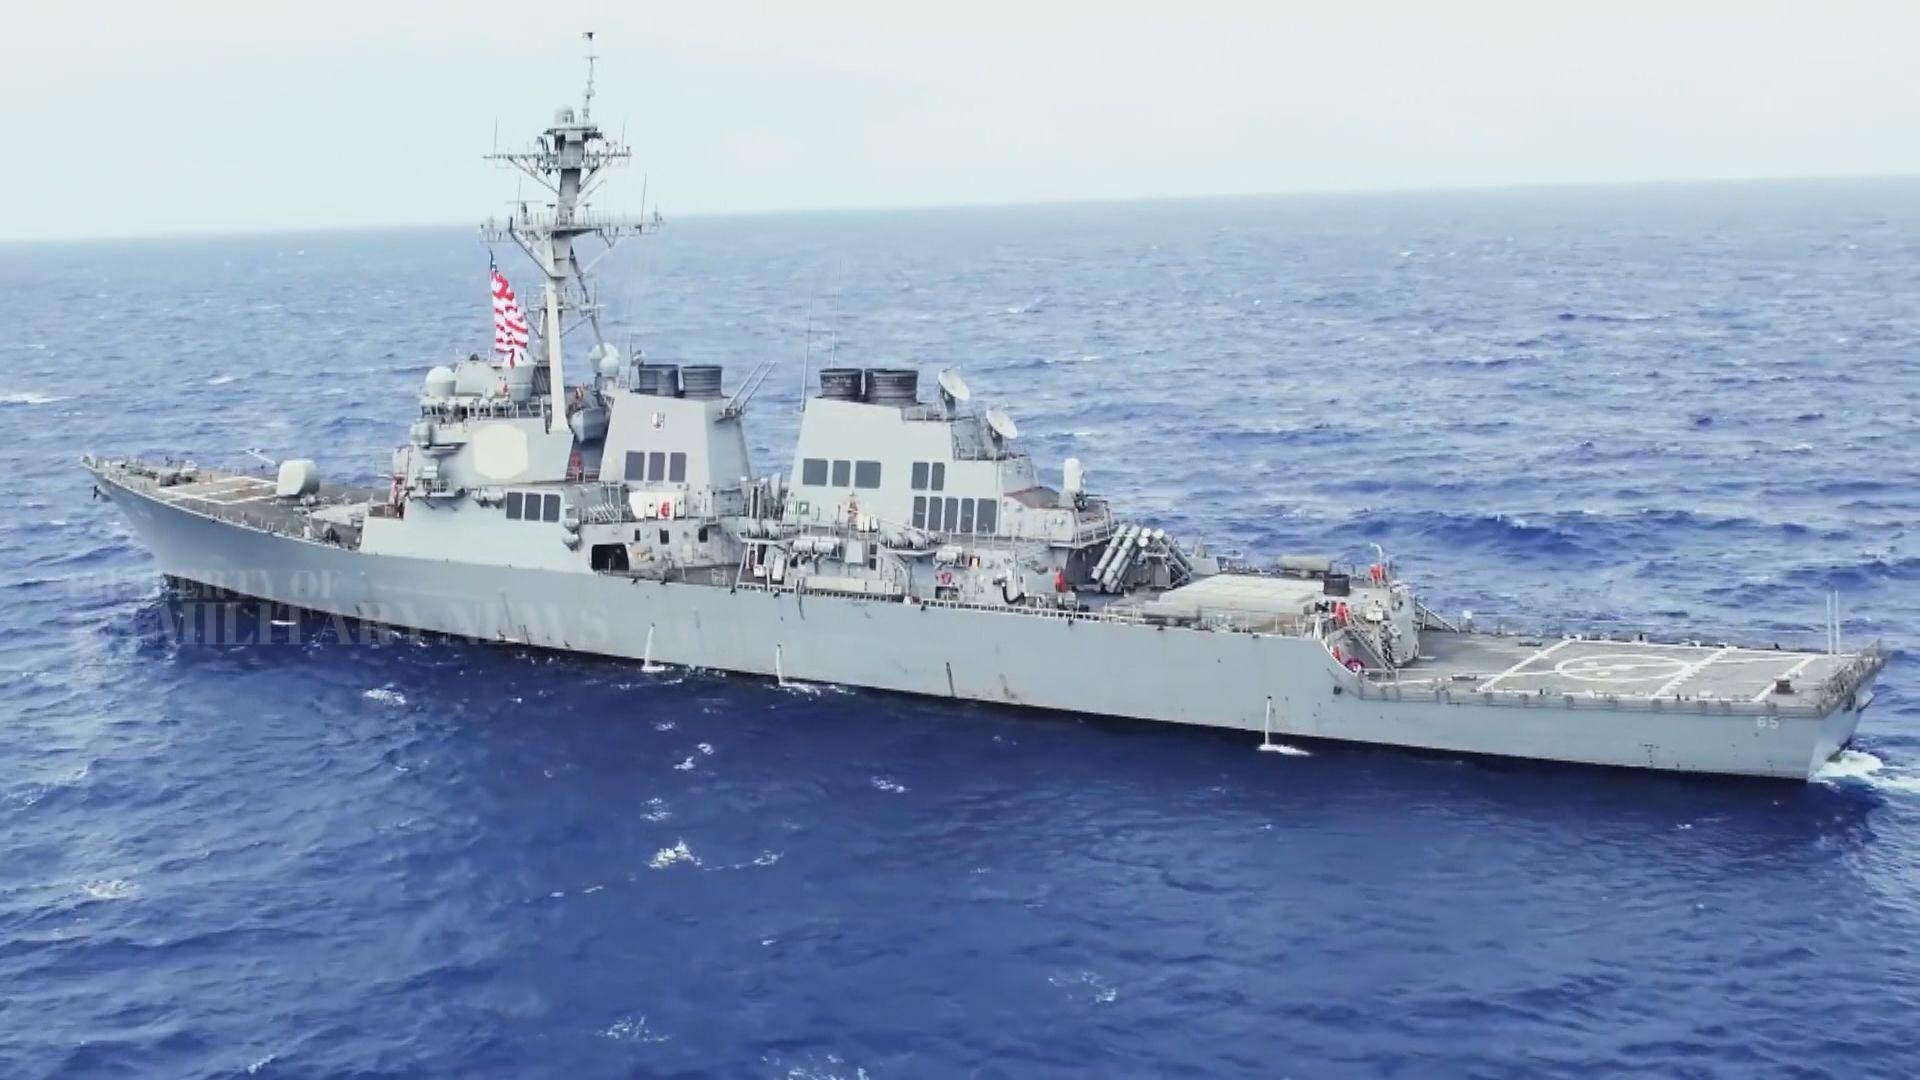 美驅逐艦通過台灣海峽 中方全程監視